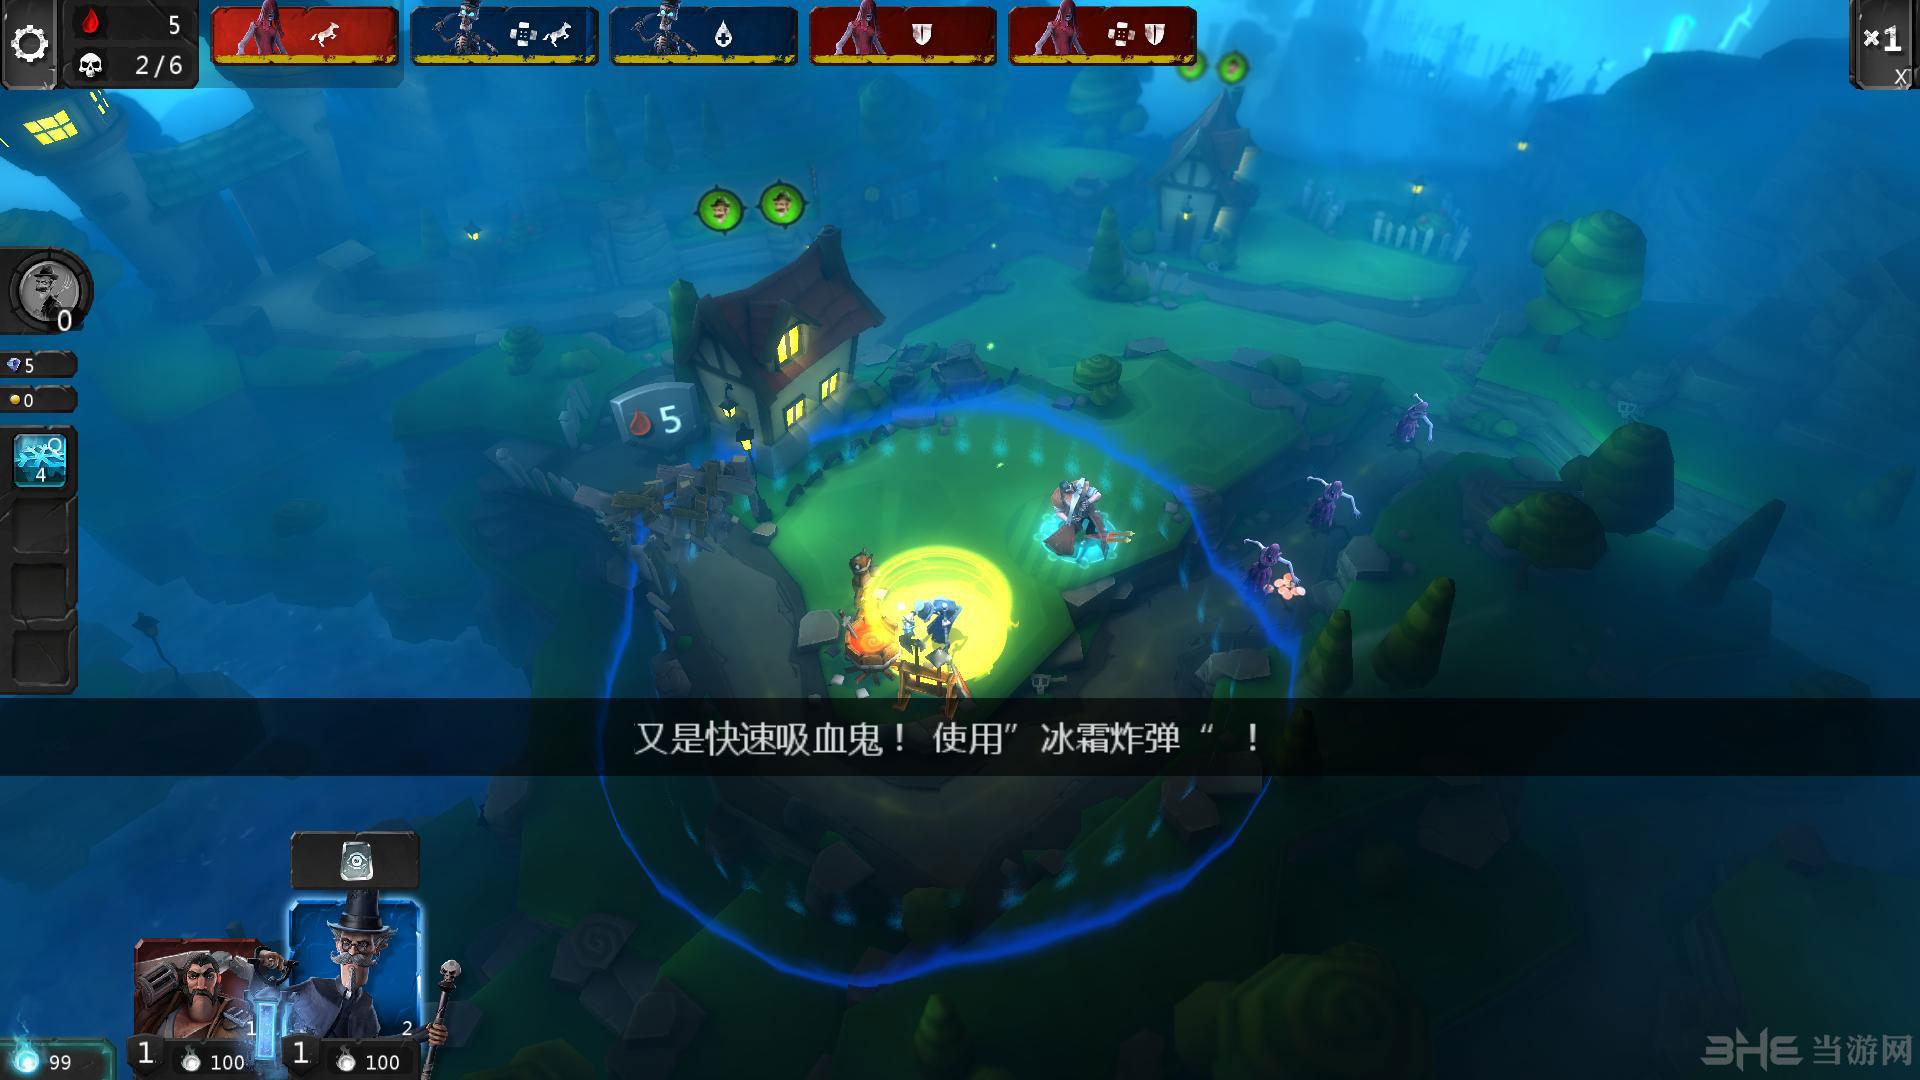 英雄防御之幽魂岛简体中文汉化补丁截图7